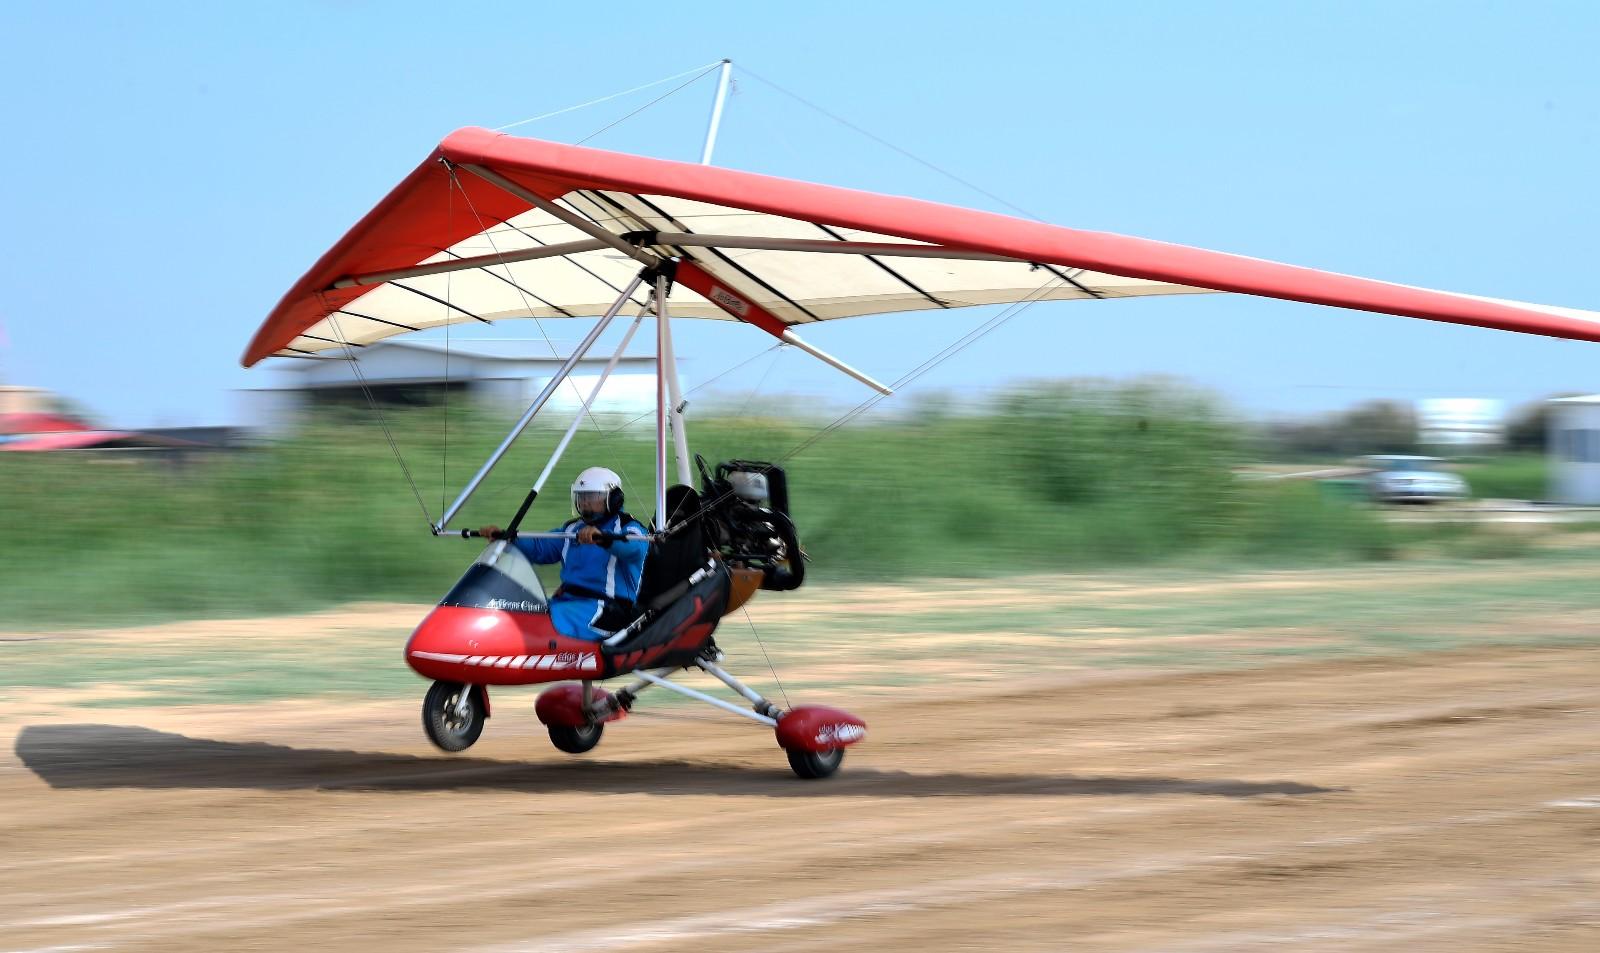 刘亦兵在飞行营地驾驶动力三角翼飞机(6月21日摄)